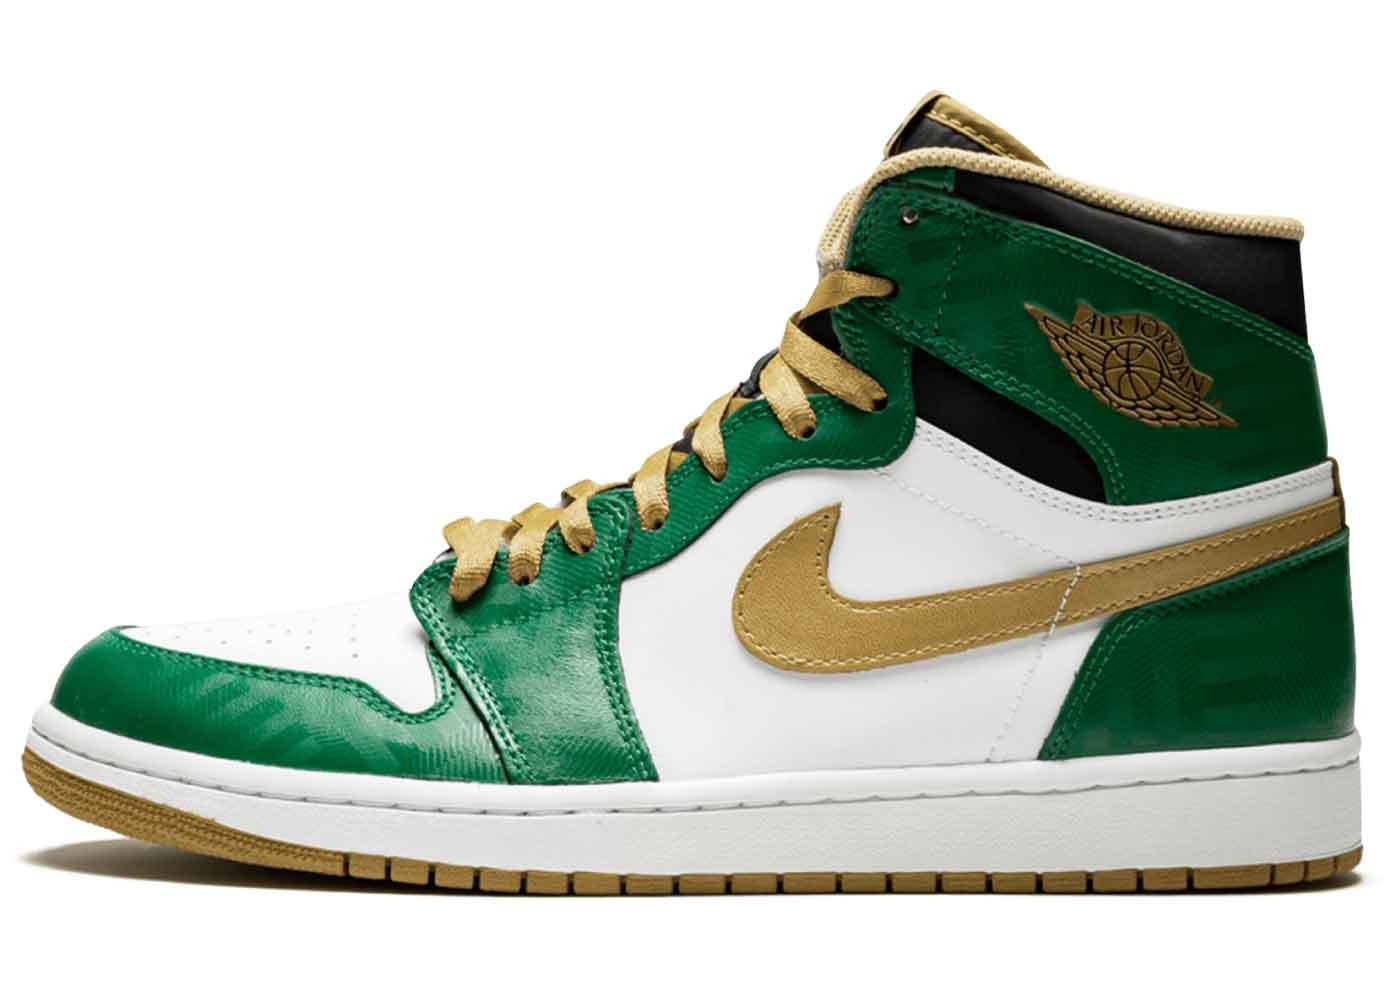 Nike Air Jordan 1 OG Celticsの写真